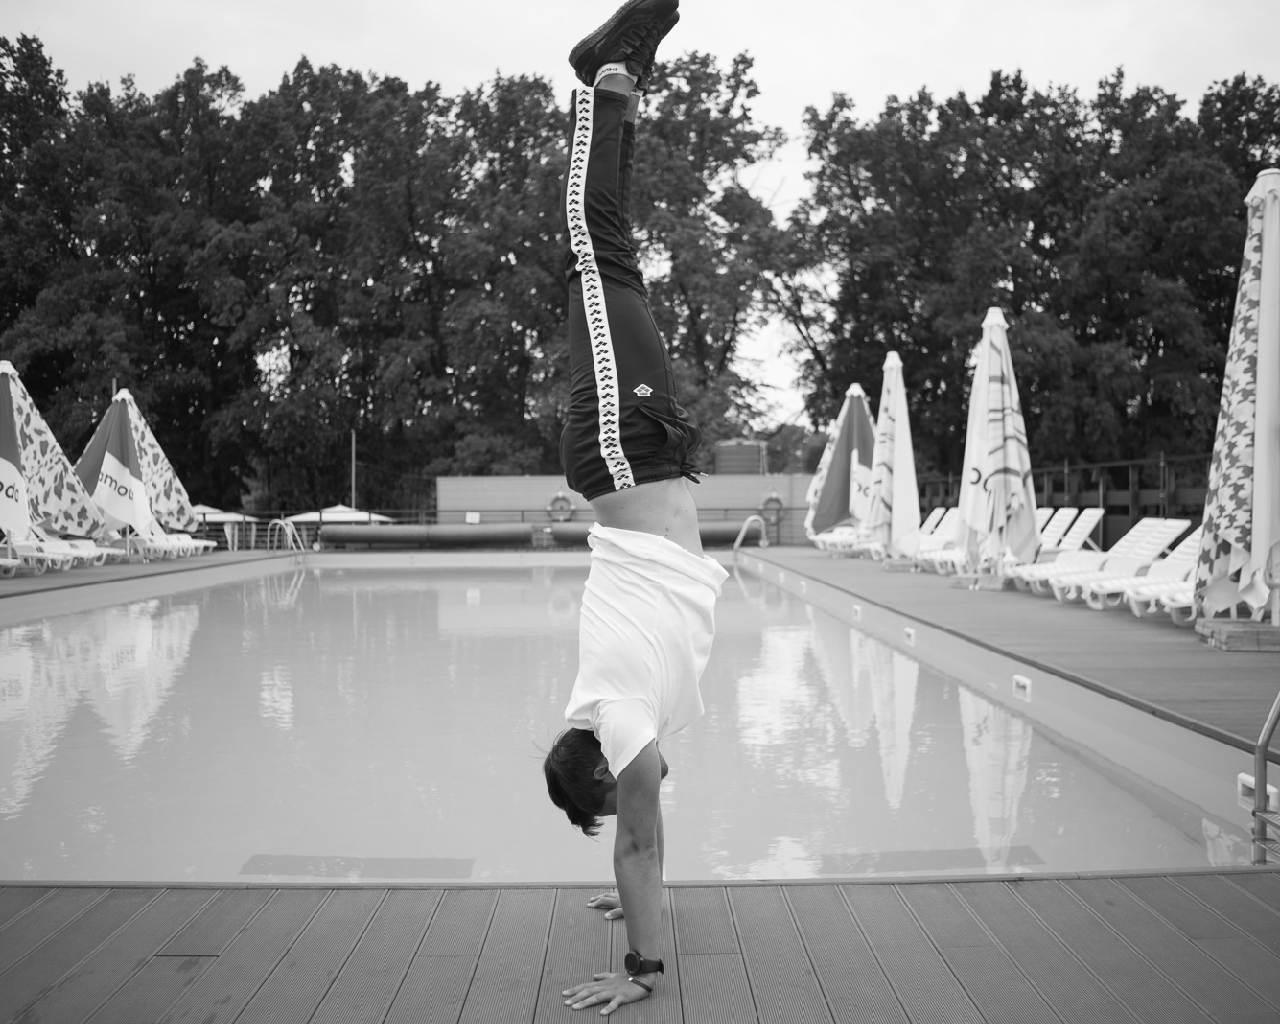 заслуженный мастер спорта Украины по прыжкам в воду. Илья Кваша